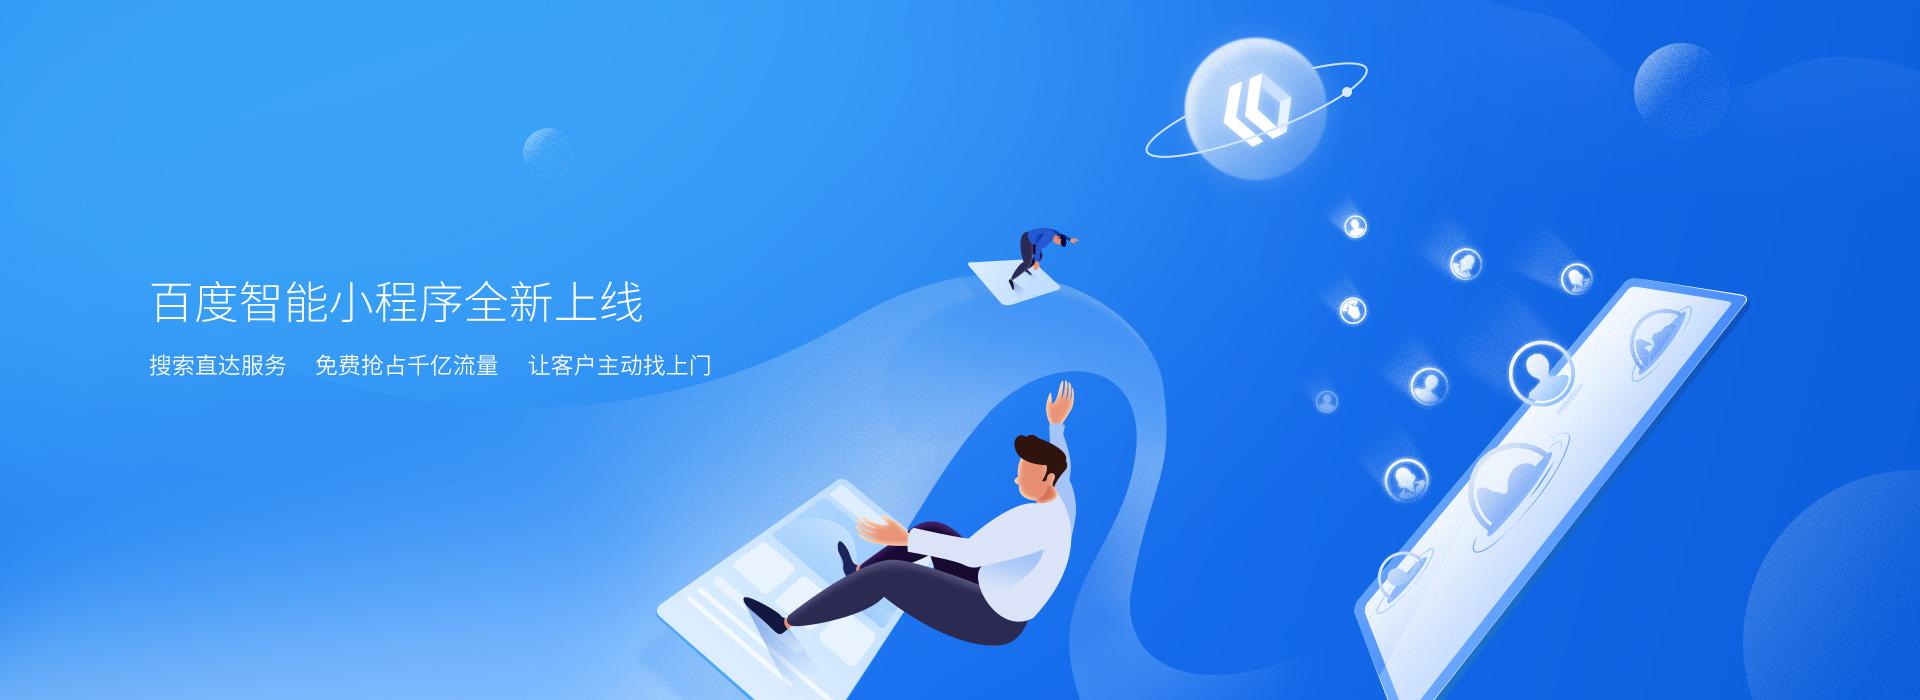 小程序栏目banner